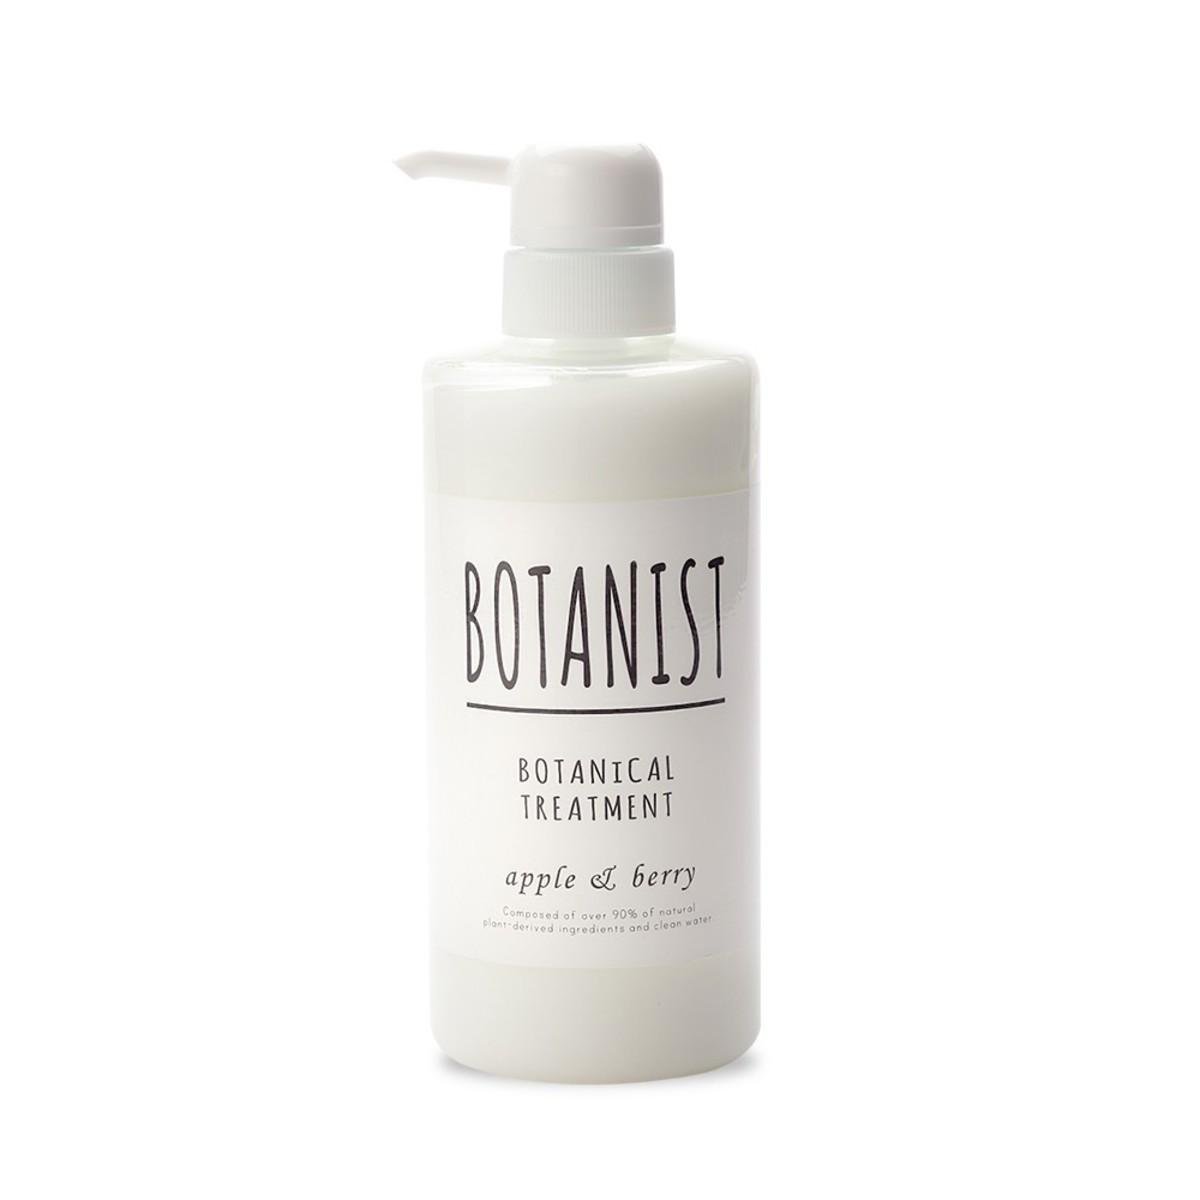 植物性光滑柔順護髮素 - 蘋果莓果 490ml (4582267391580)